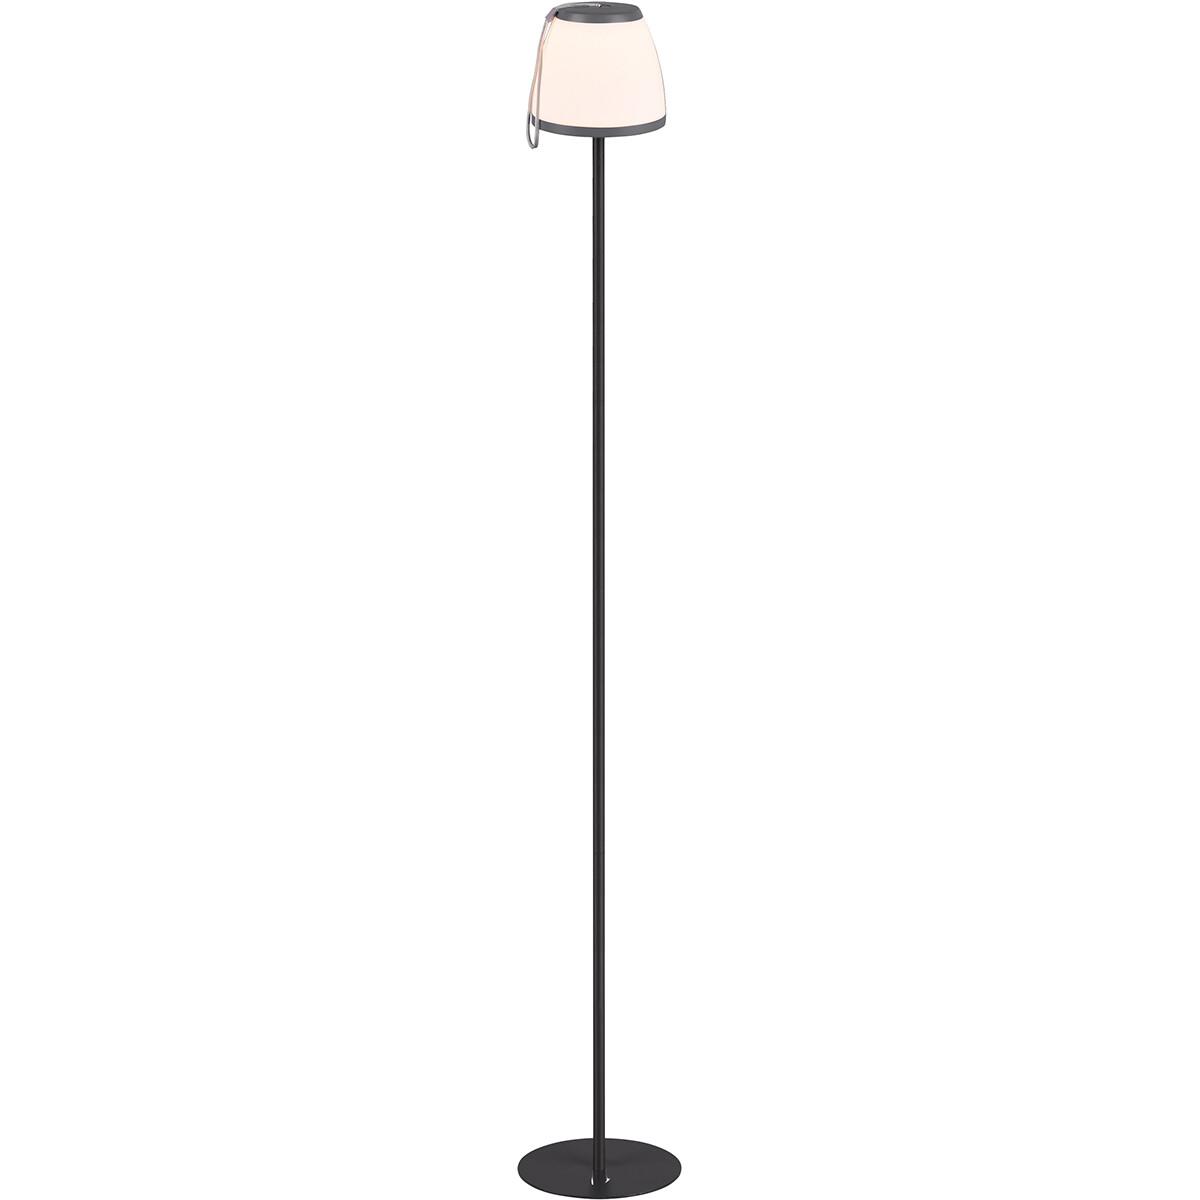 LED Vloerlamp - Trion Dimgo - 2W - Warm Wit 3000K - Rond - Antraciet - Kunststof